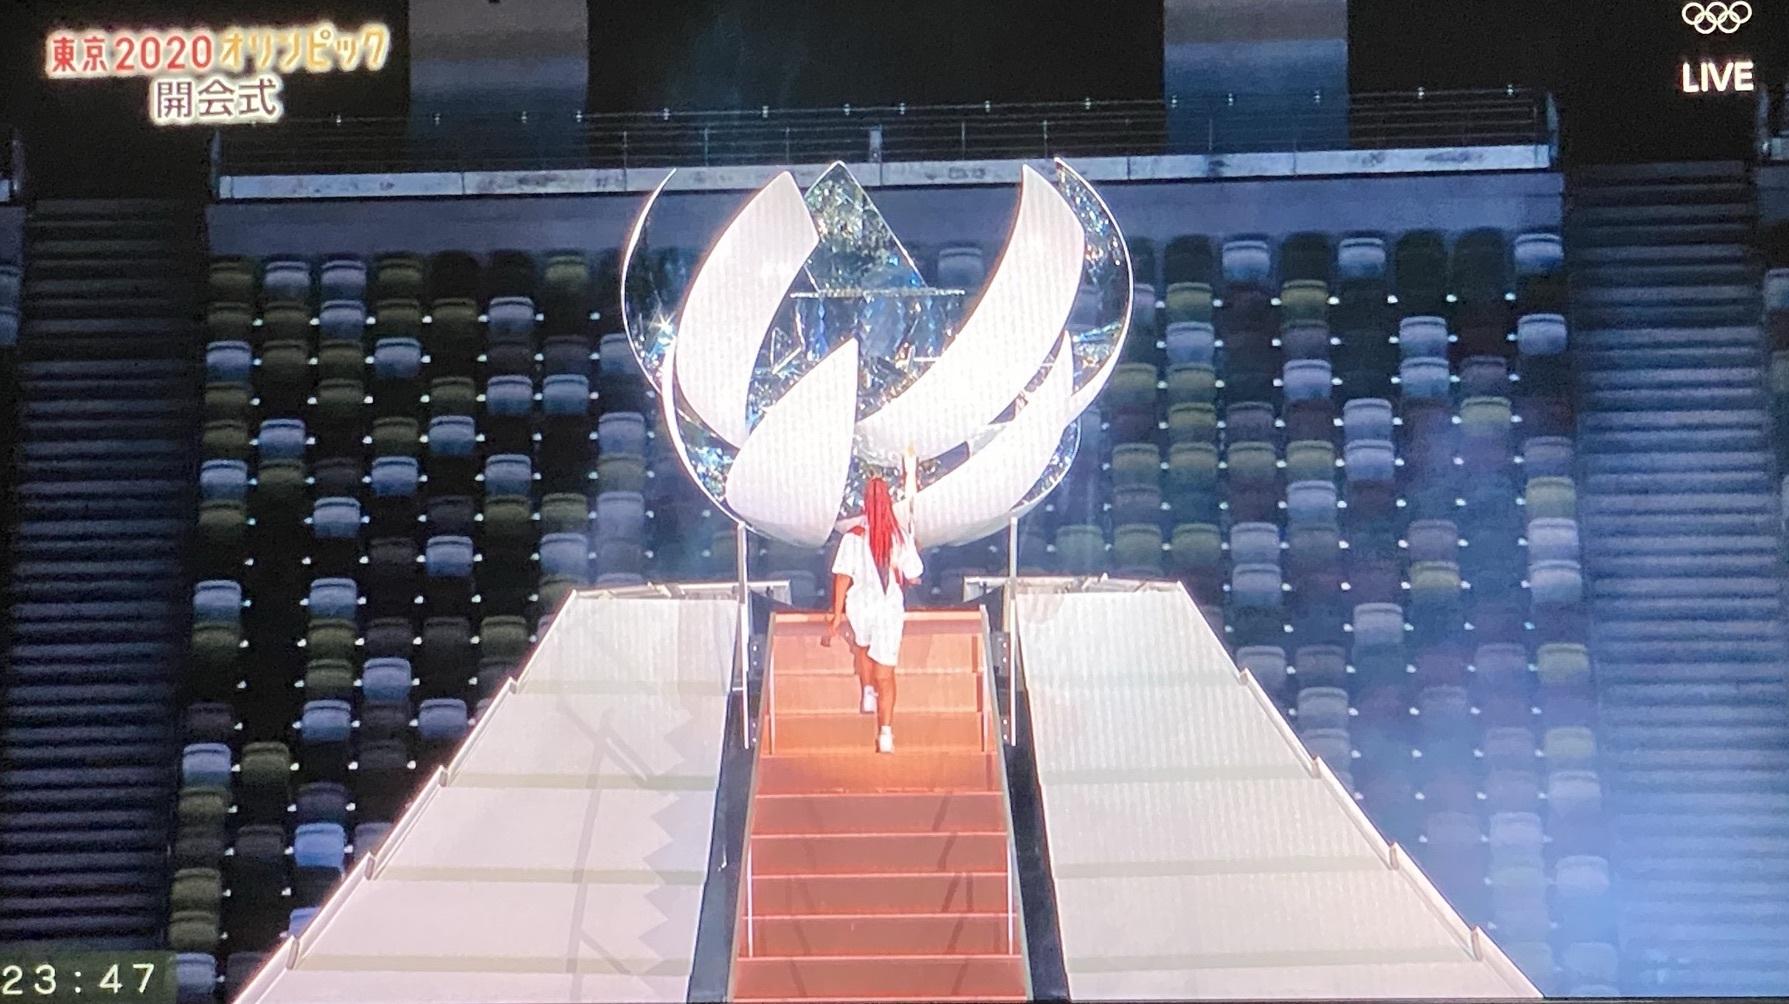 東京オリンピックが始まった!_c0192202_19135174.jpg